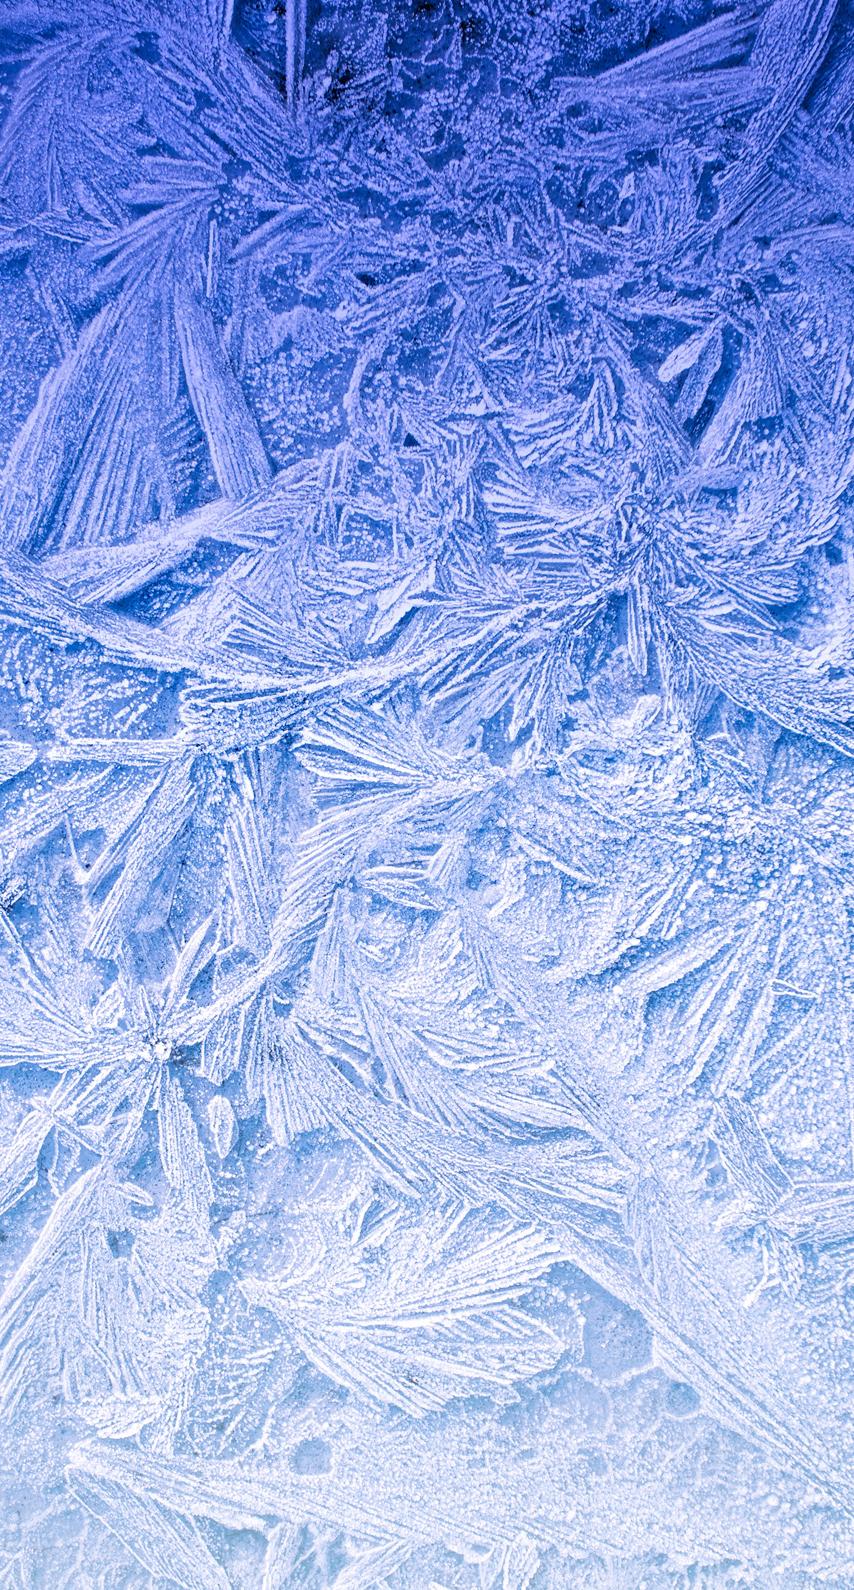 frosty, ice